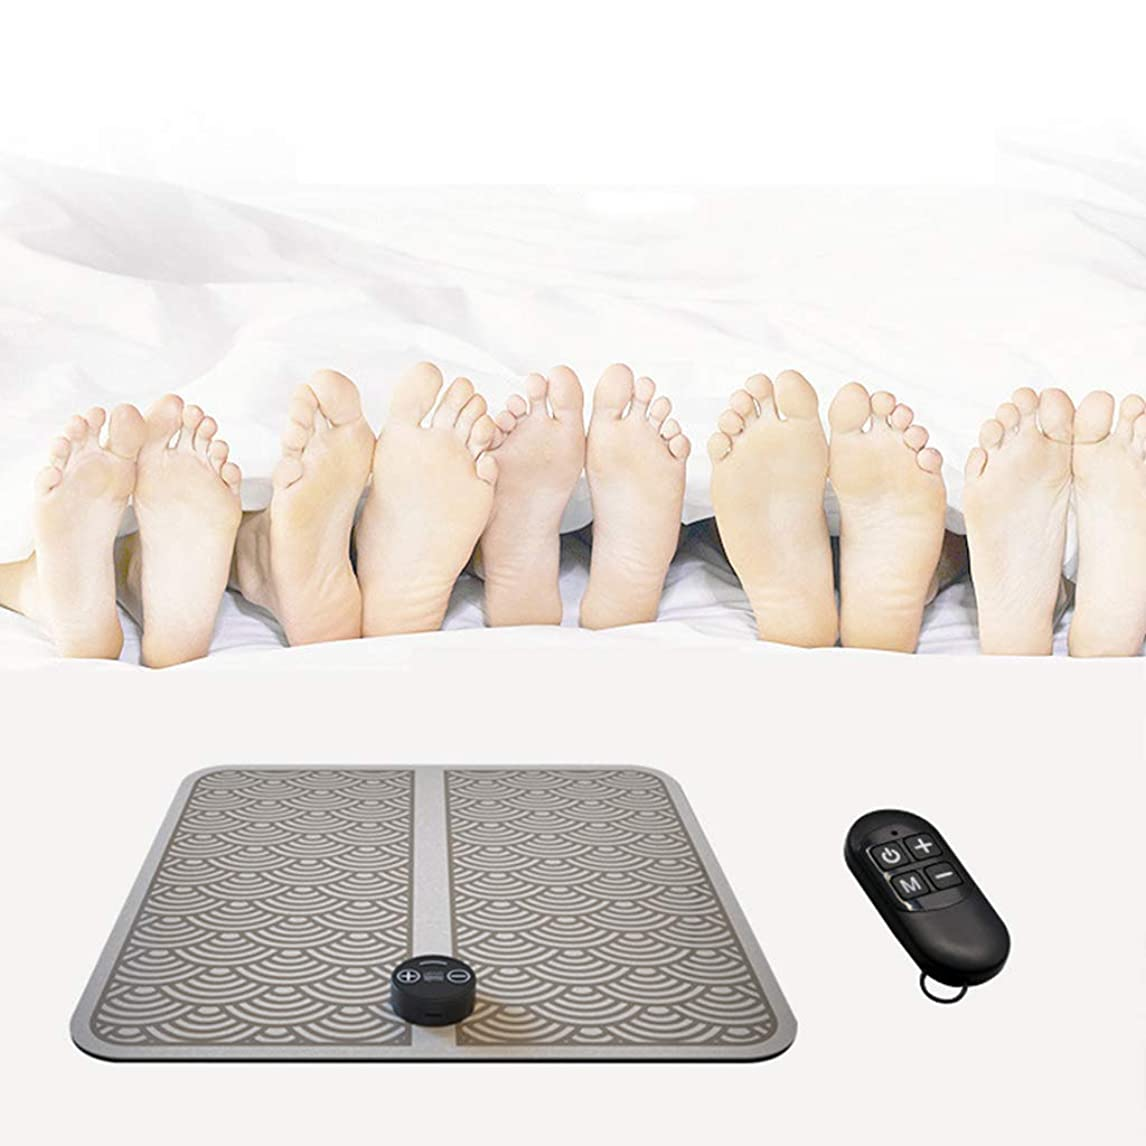 高潔な機知に富んだすべき指圧マッサージ機、EMS理学療法マッサージ電気USB充電振動足ペディキュアマシン